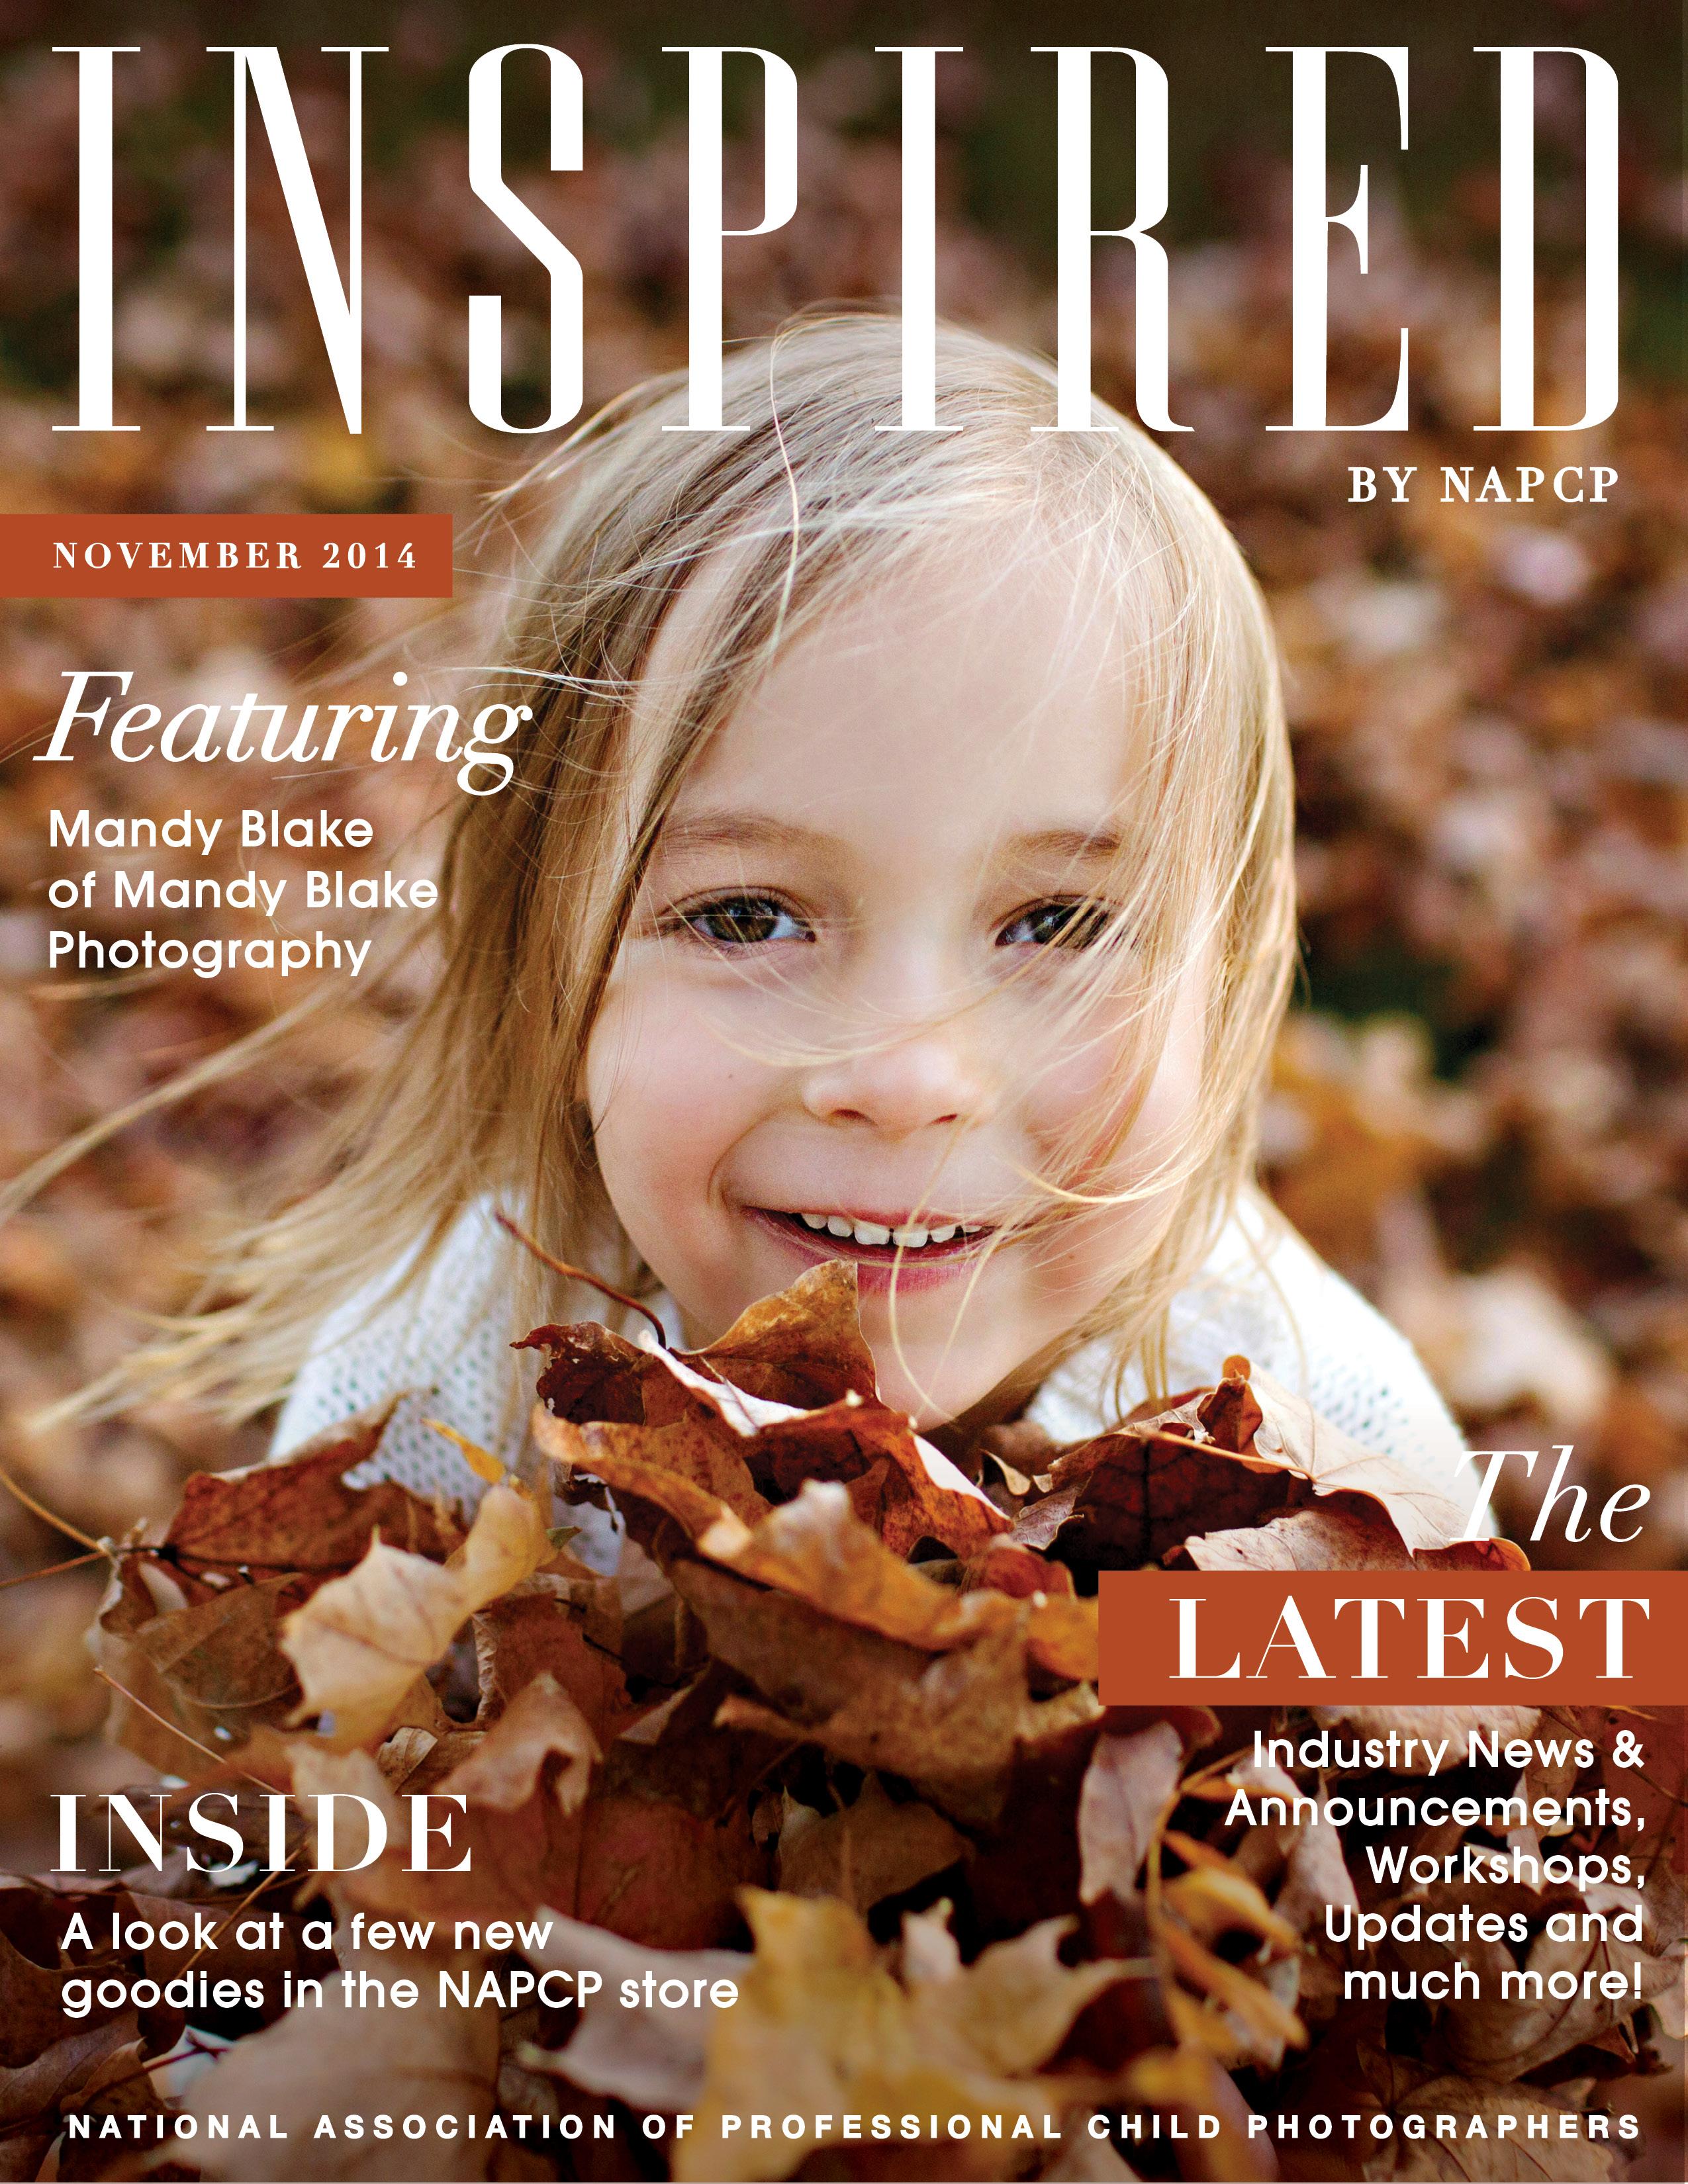 November Newsletter cover